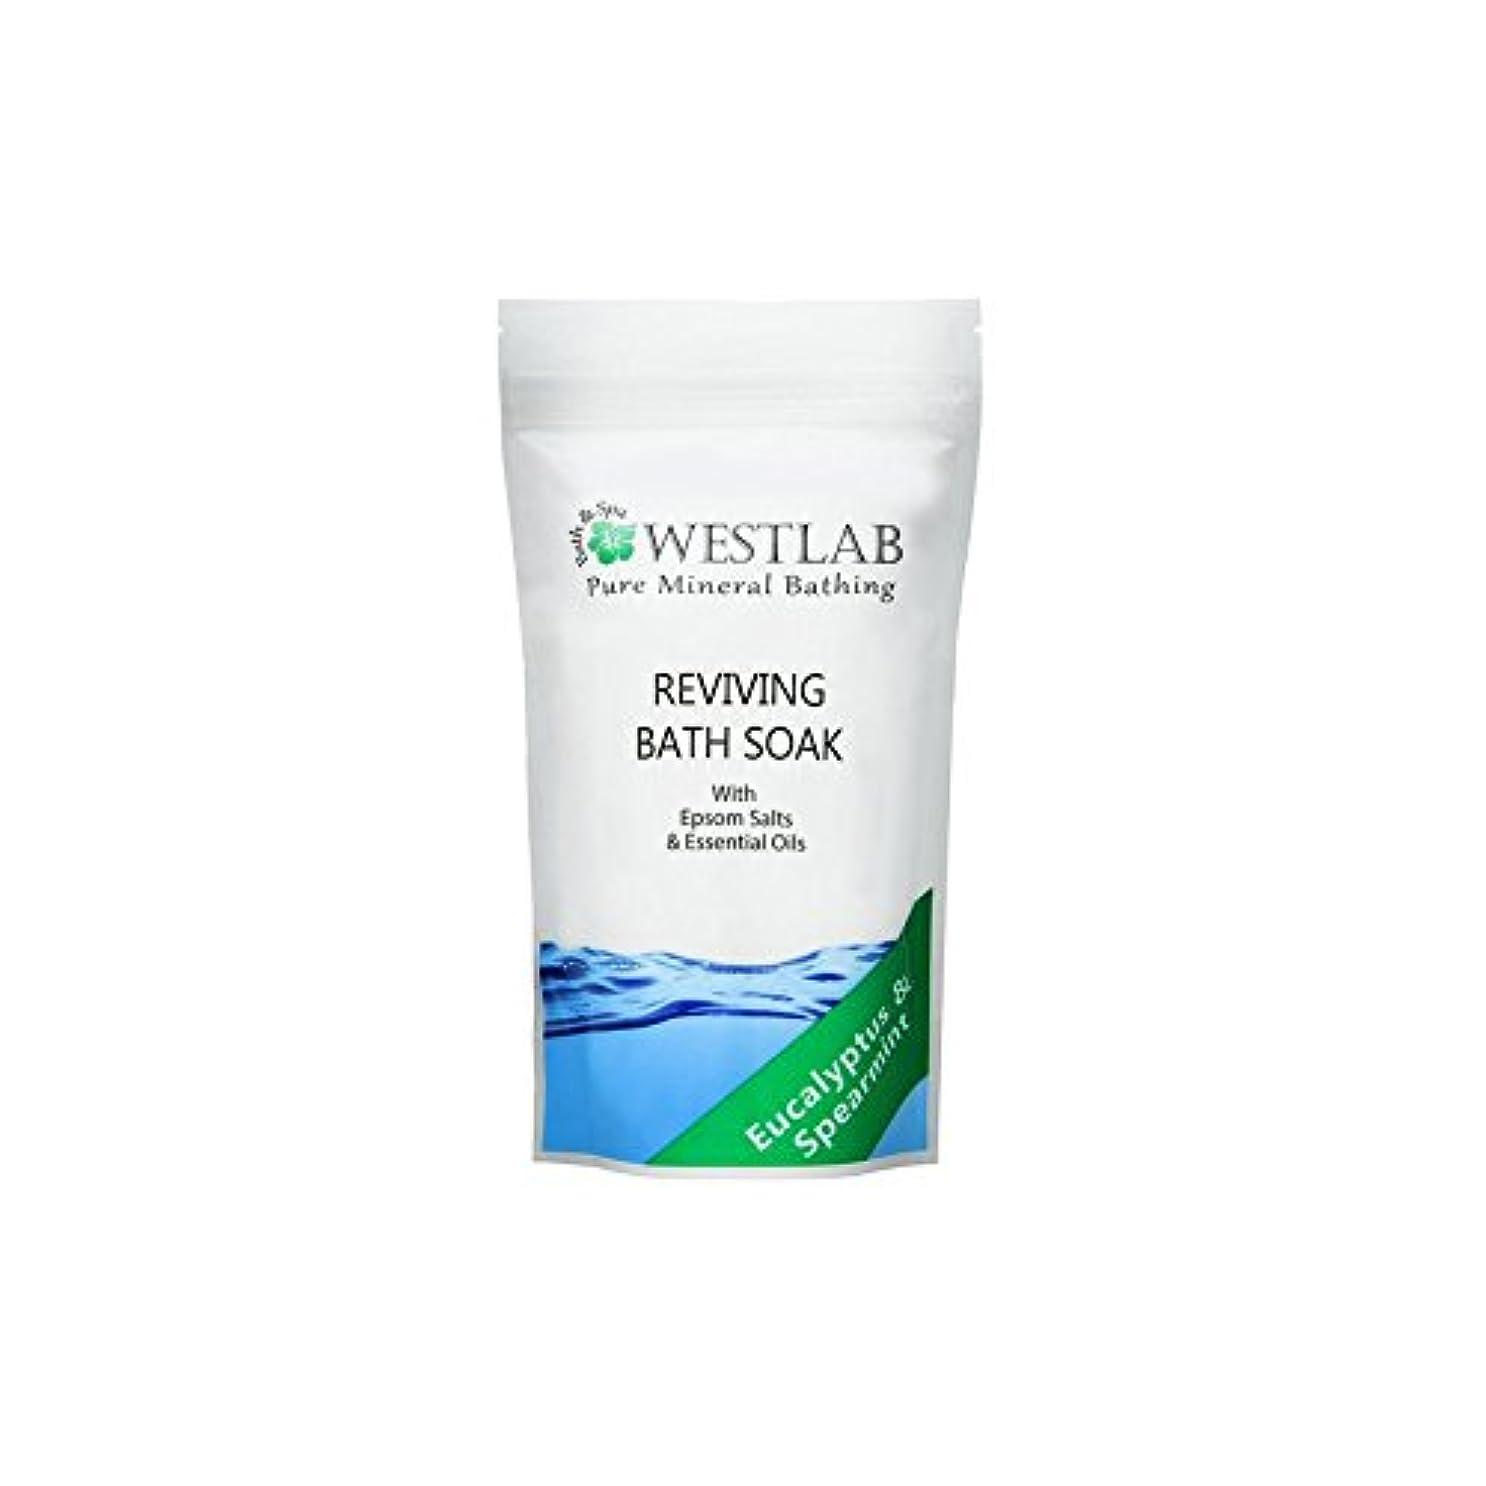 本会議限界構造(500グラム)をソークエプソム塩浴を復活させます x2 - Westlab Revive Epsom Salt Bath Soak (500g) (Pack of 2) [並行輸入品]